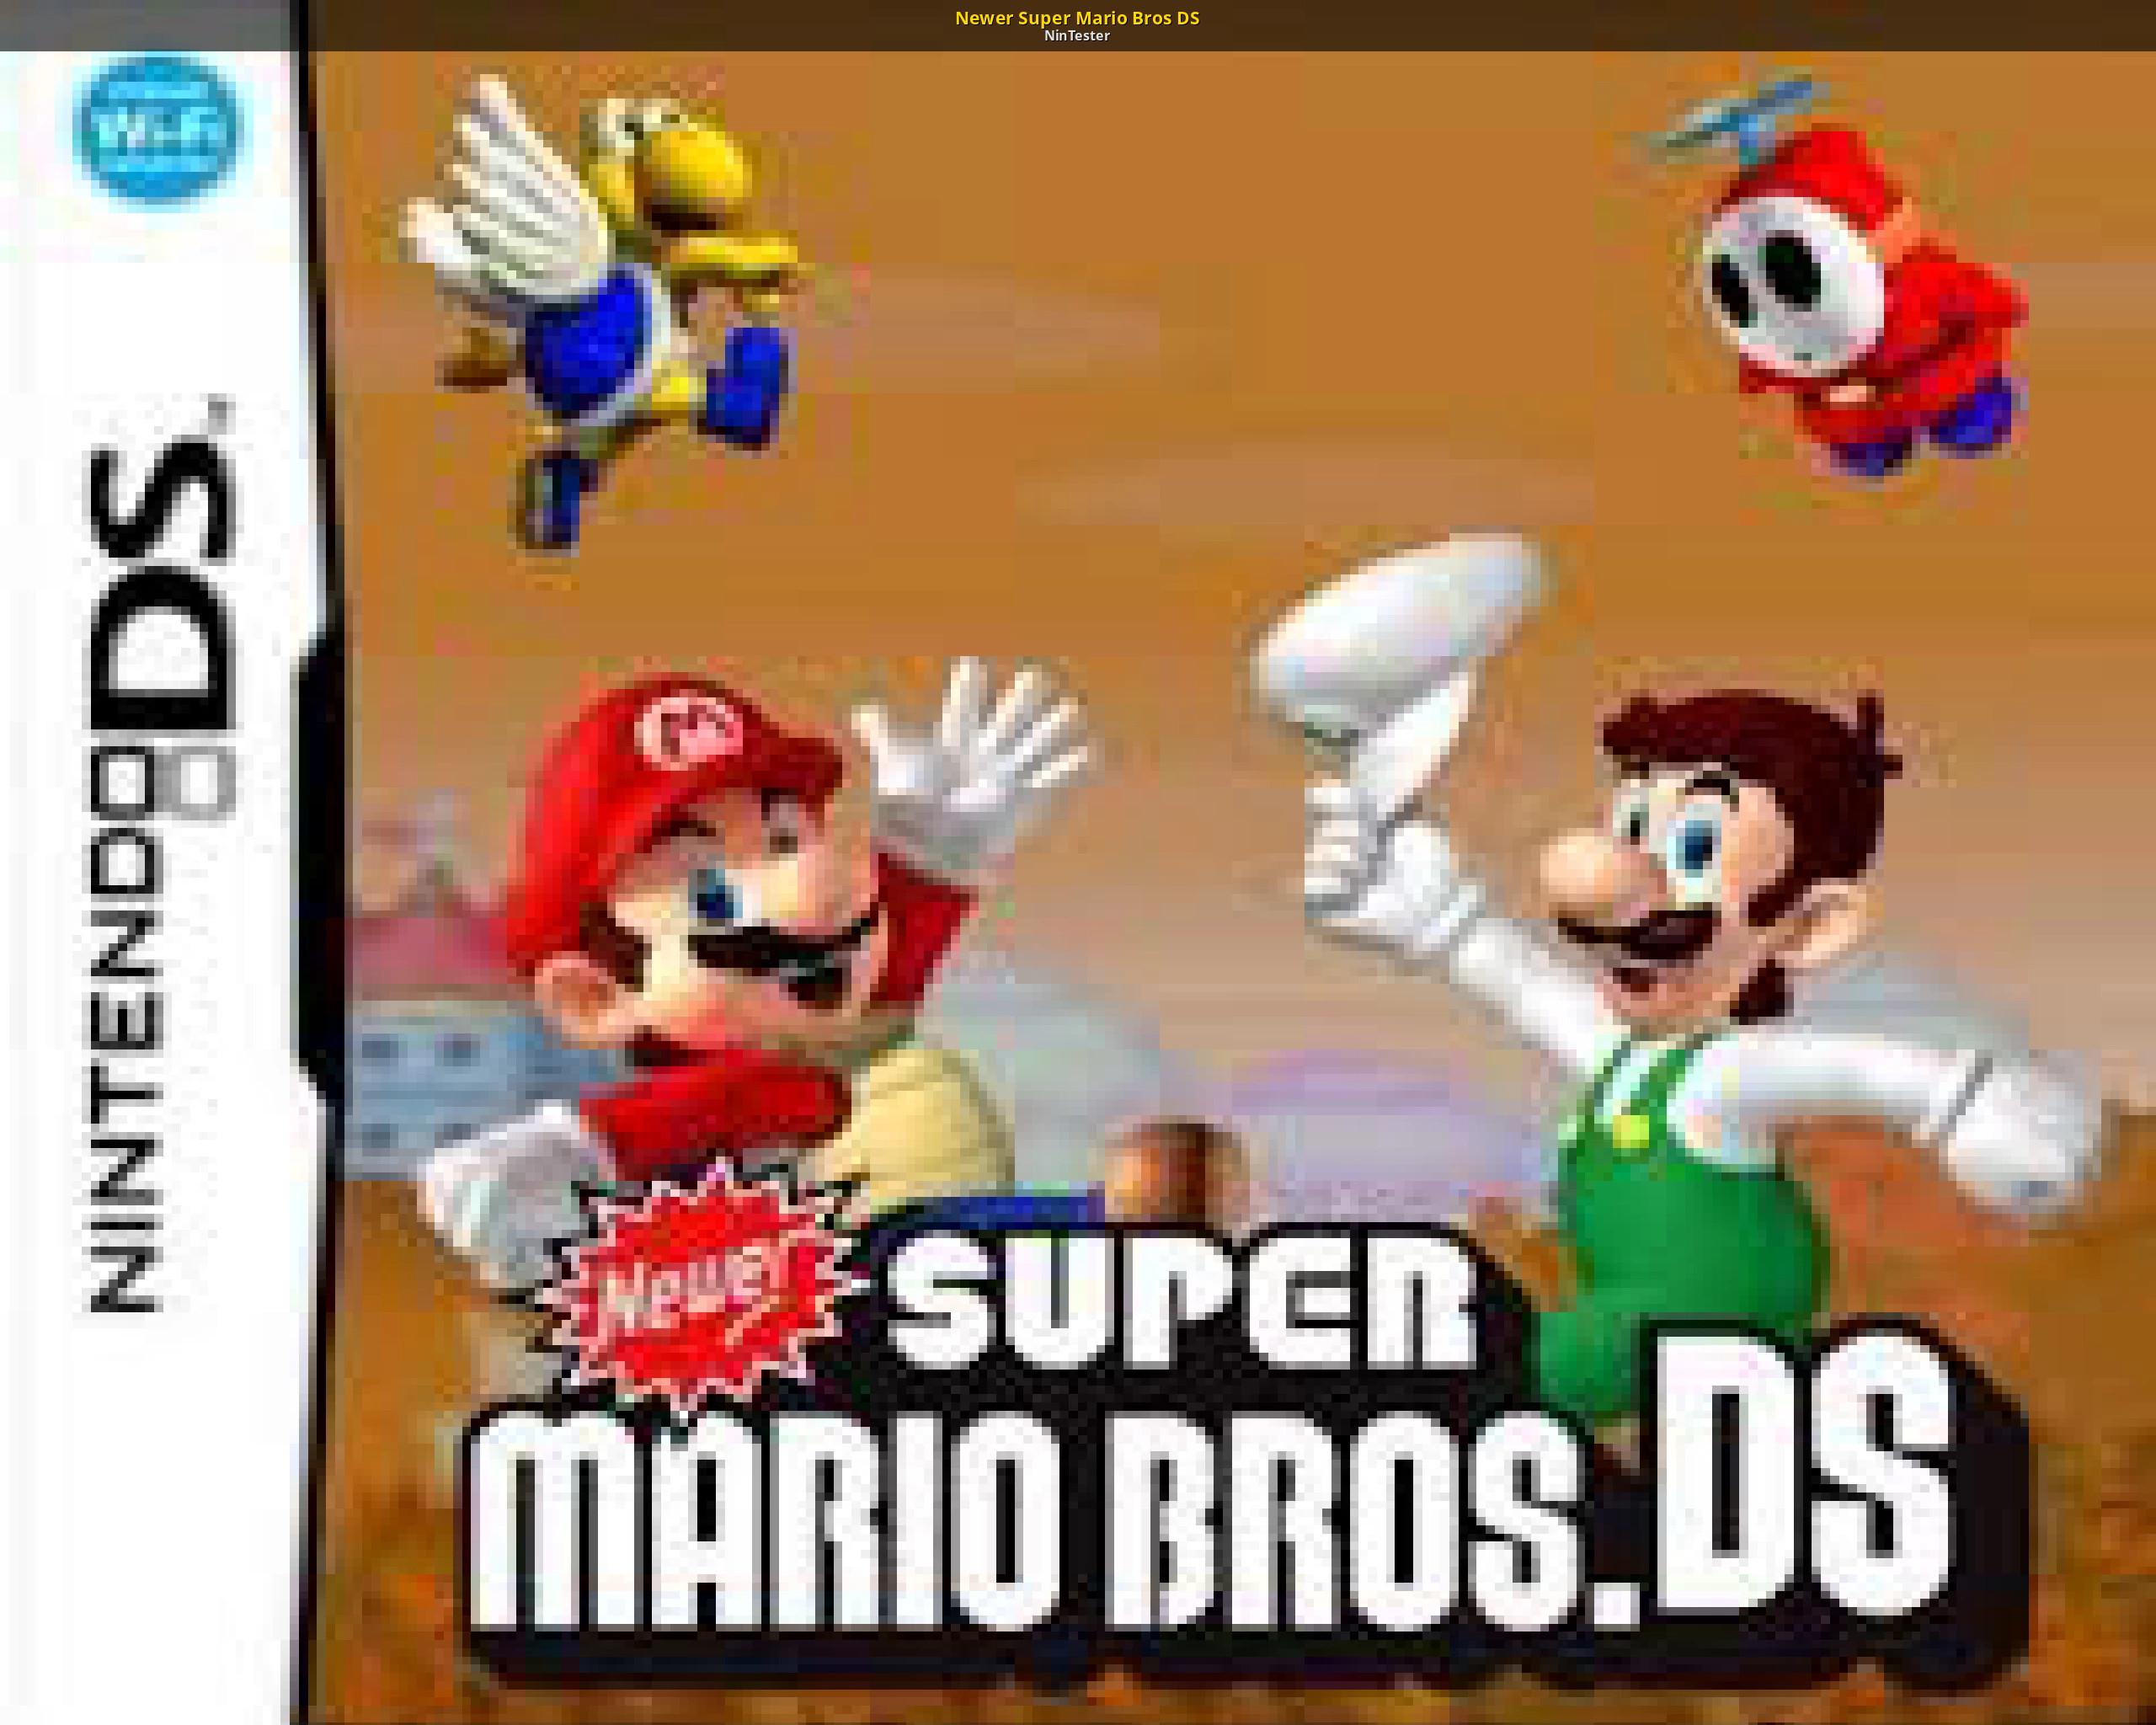 Newer Super Mario Bros DS [New Super Mario Bros  DS